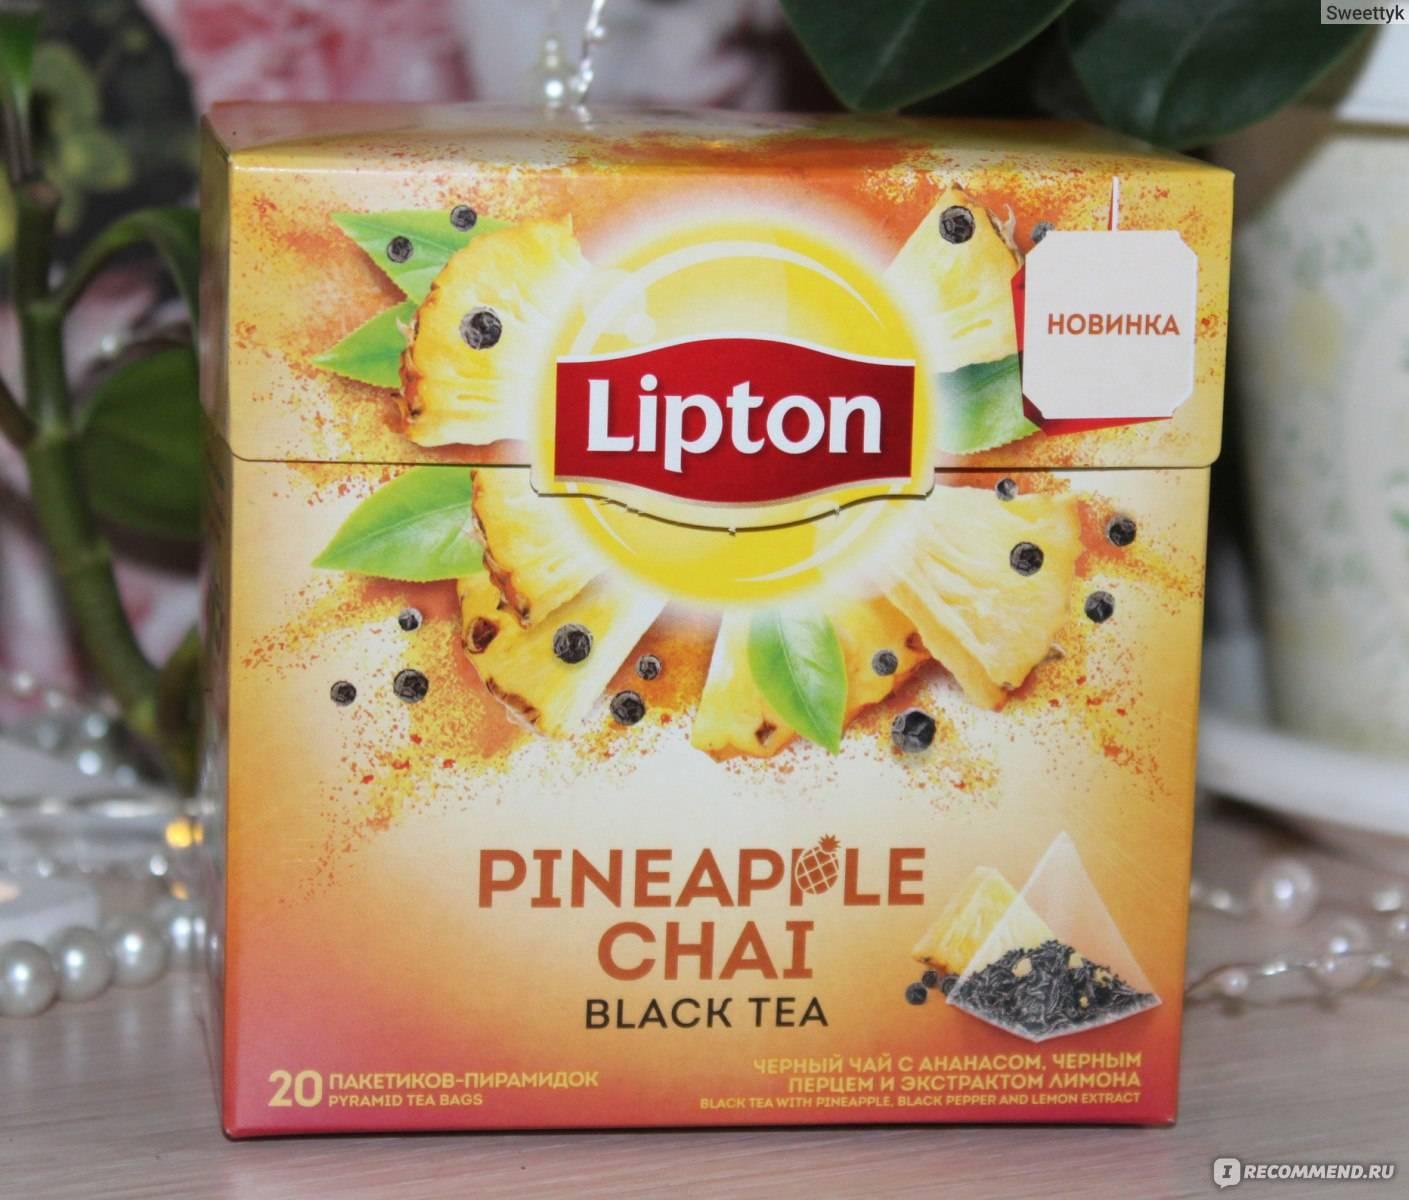 Чай липтон: зеленый и черный чай в пакетиках,.